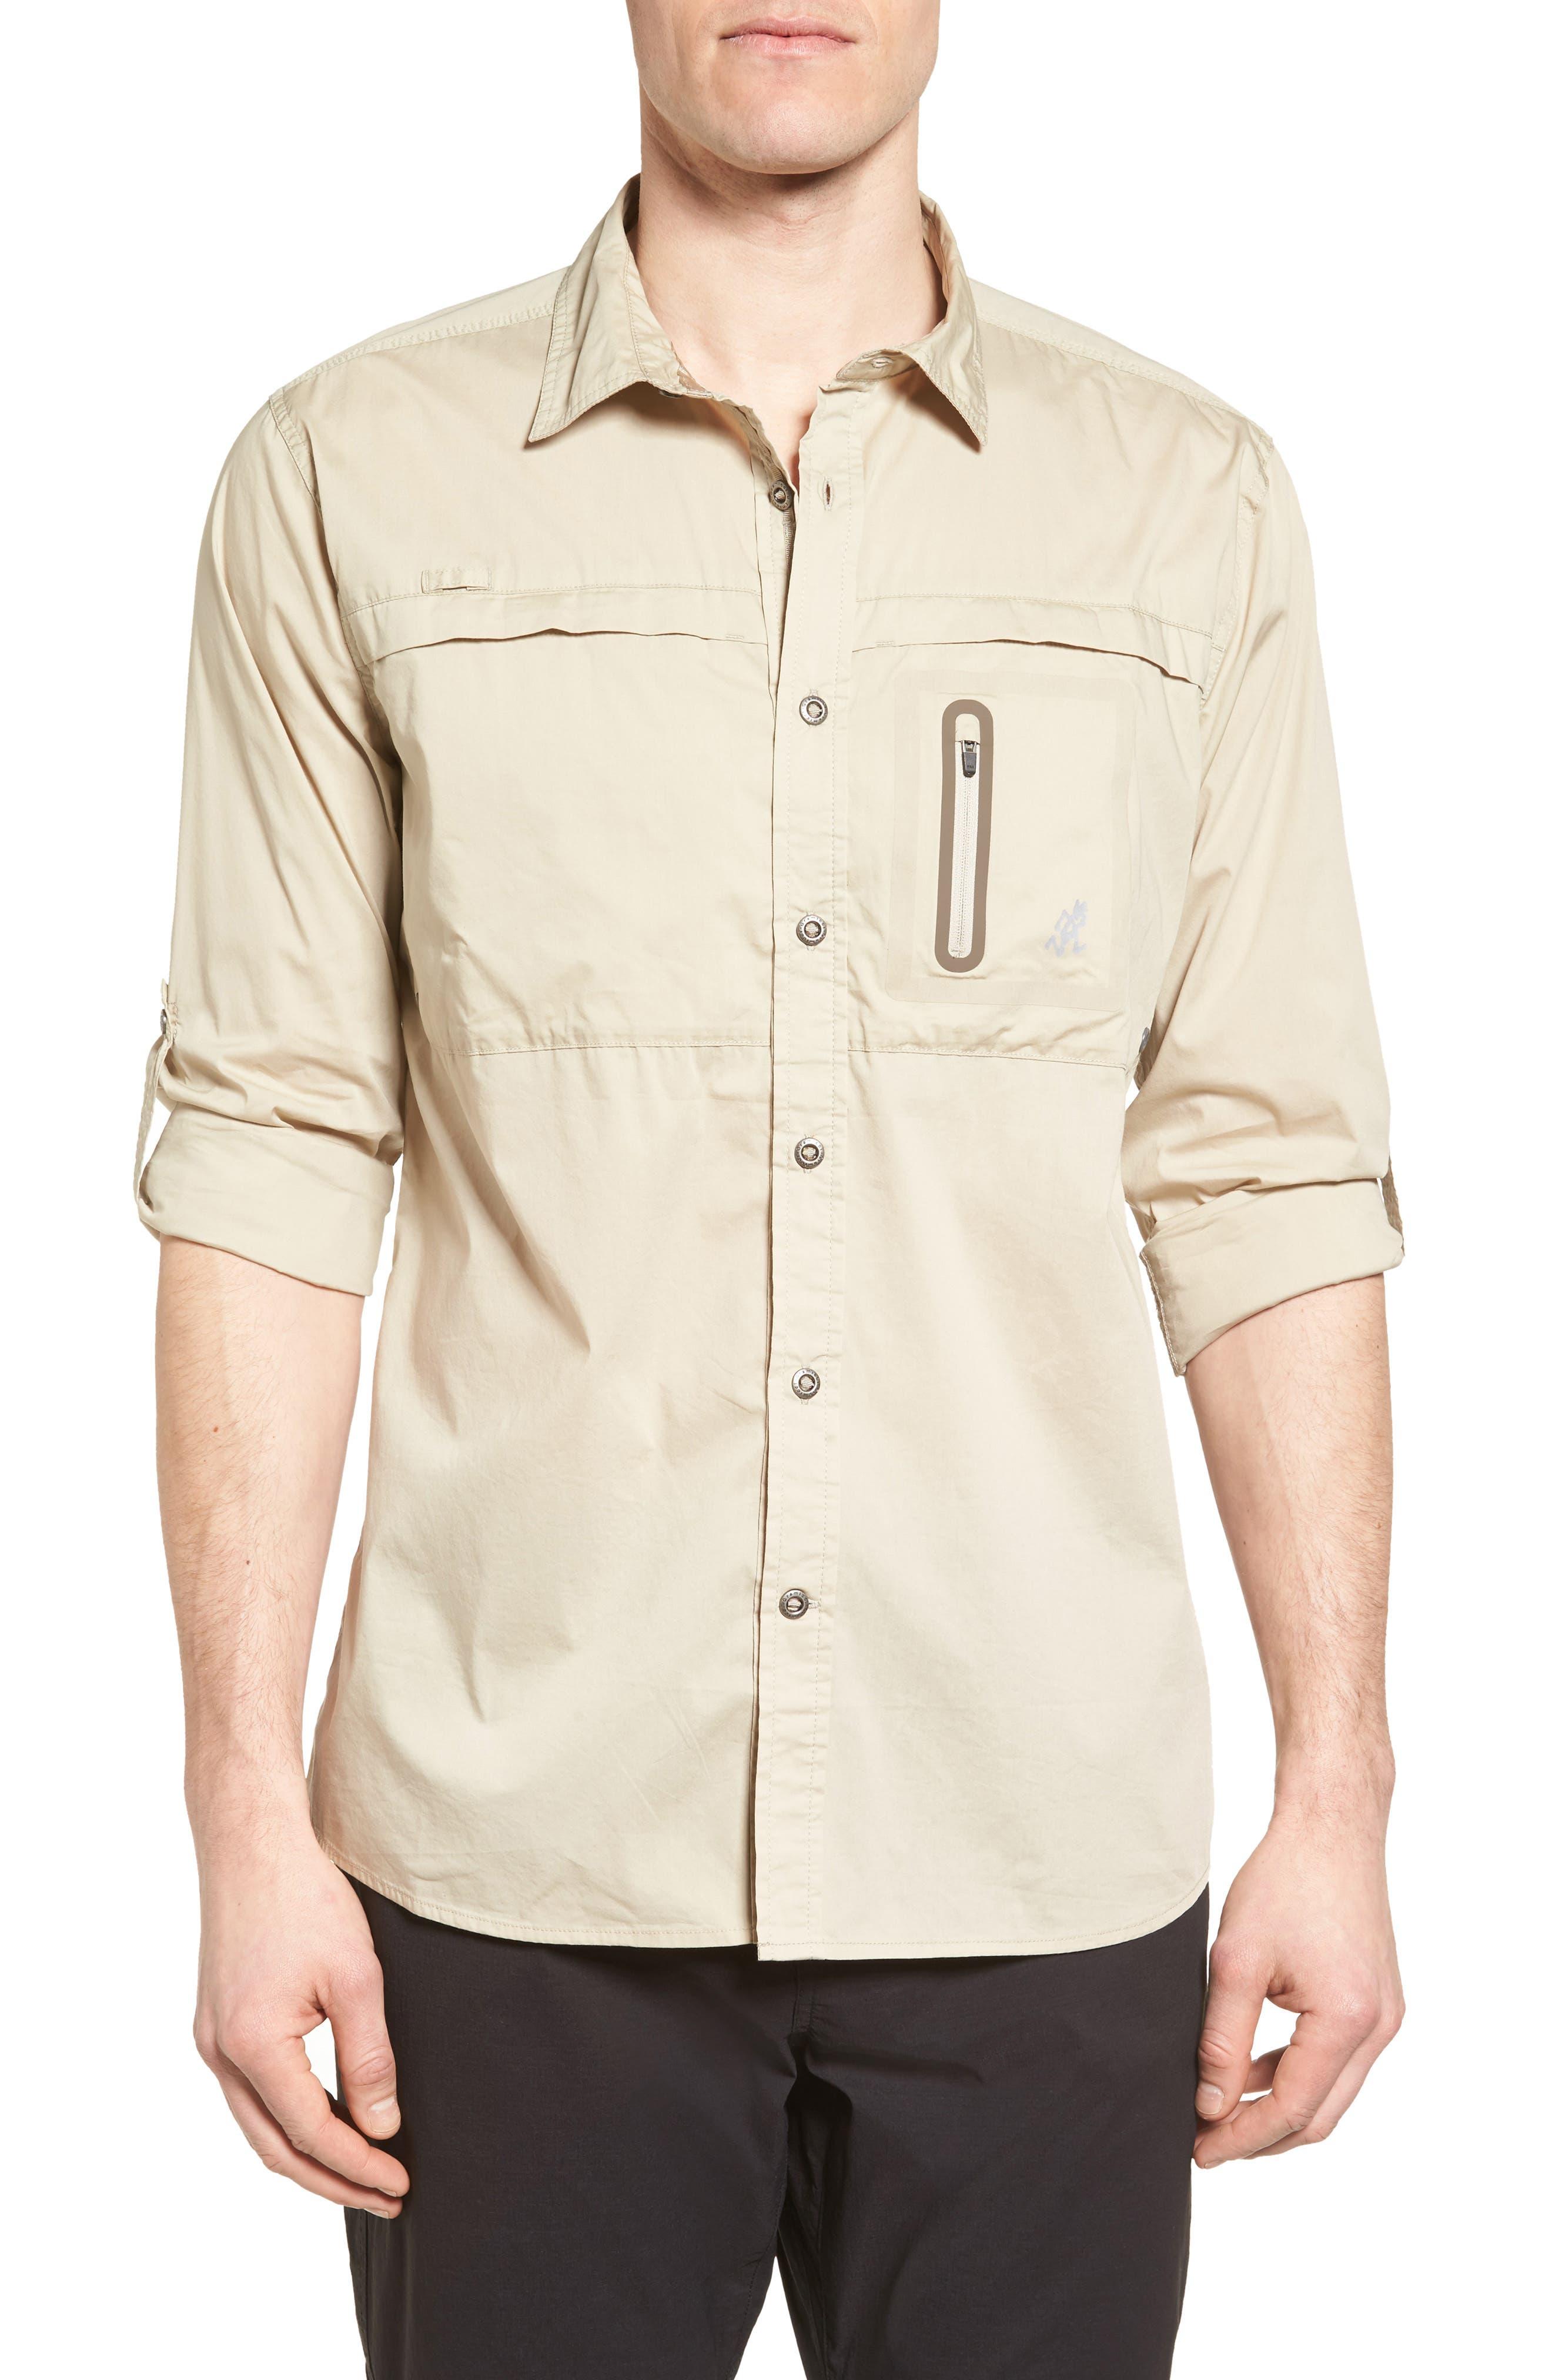 NO-Squito Regular Fit Travel Shirt,                         Main,                         color, True Khaki